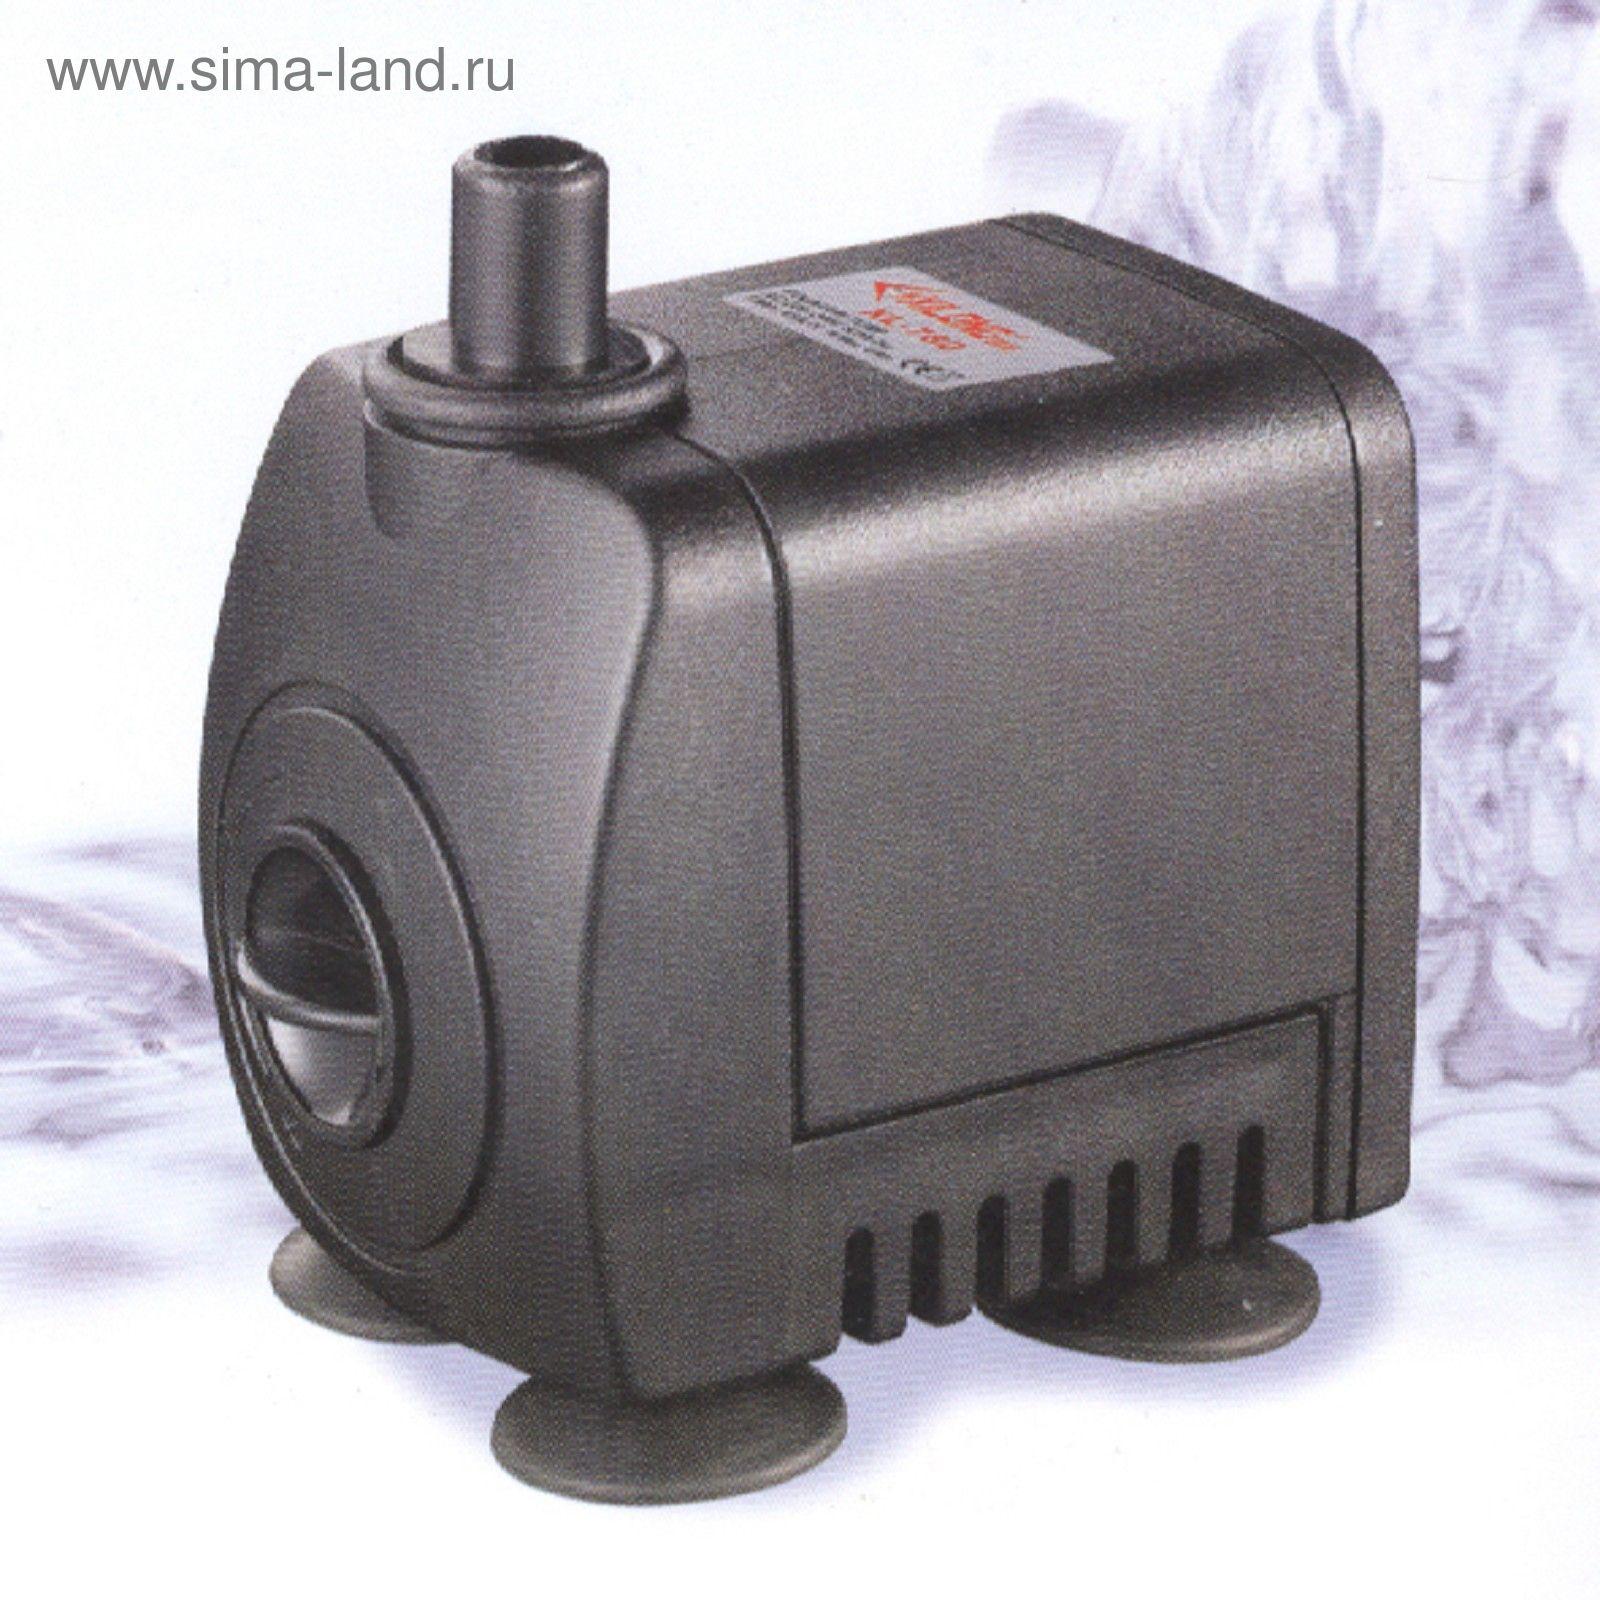 Помпа фонтанная XILONG (СИЛОНГ) XL-780 8Вт, 650л ч, h.max 0,9м ... 8901042df13